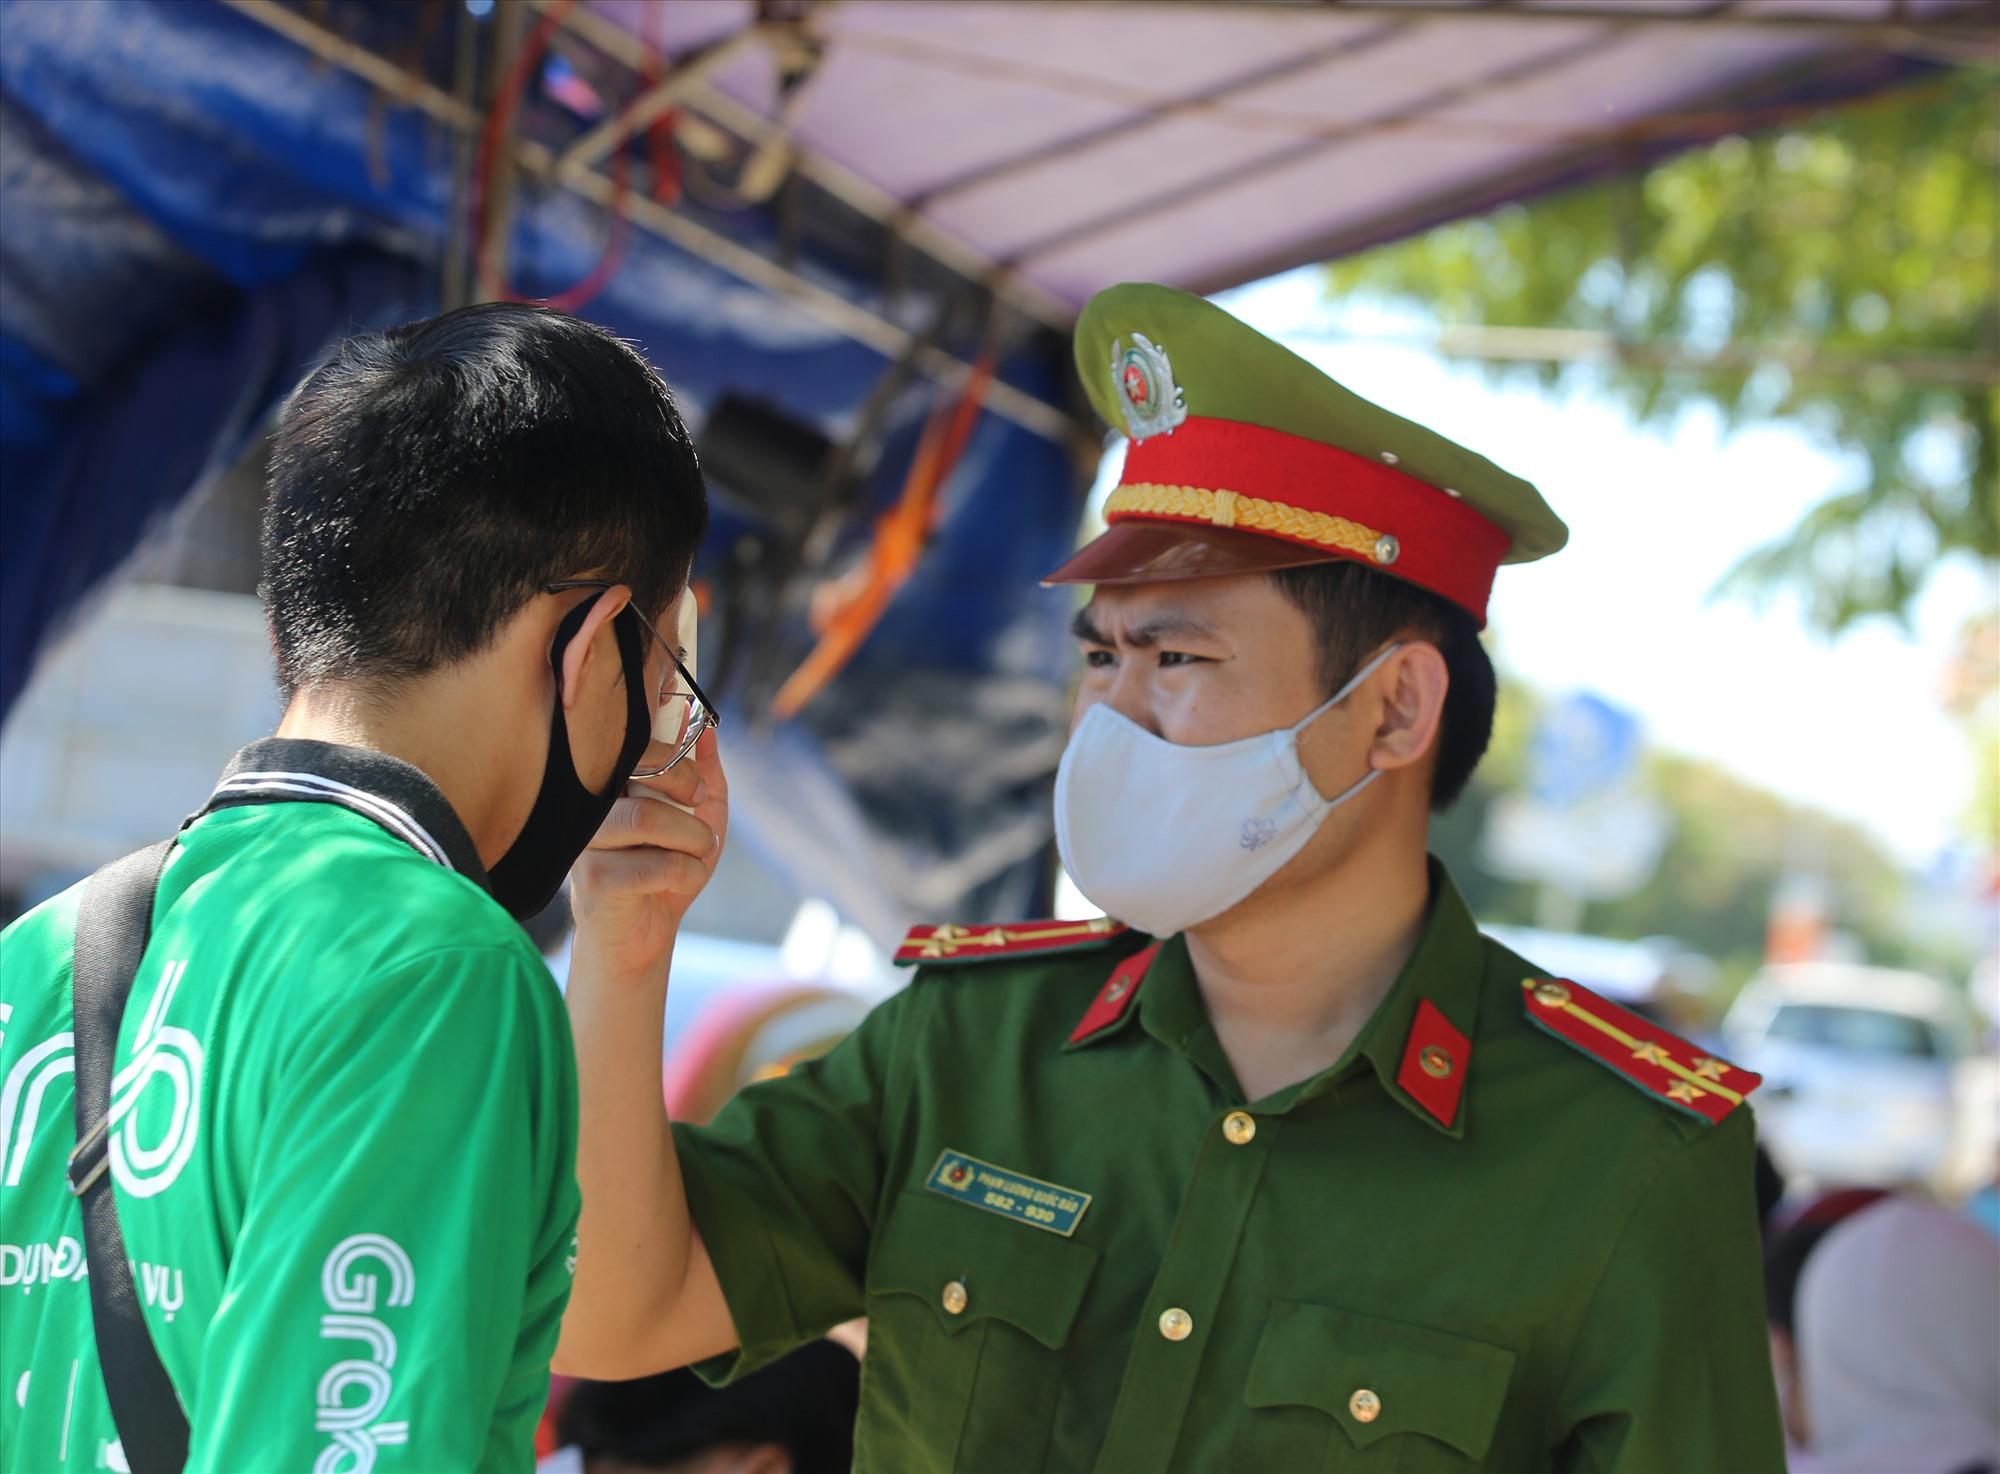 Từ nay đến ngày 5.9, Quảng Nam sẽ tăng cường kiểm soát đối với người về từ vùng dịch để đảm bảo an toàn cho kỳ thi tốt nghiệp THPT đợt 2 sắp diễn ra.